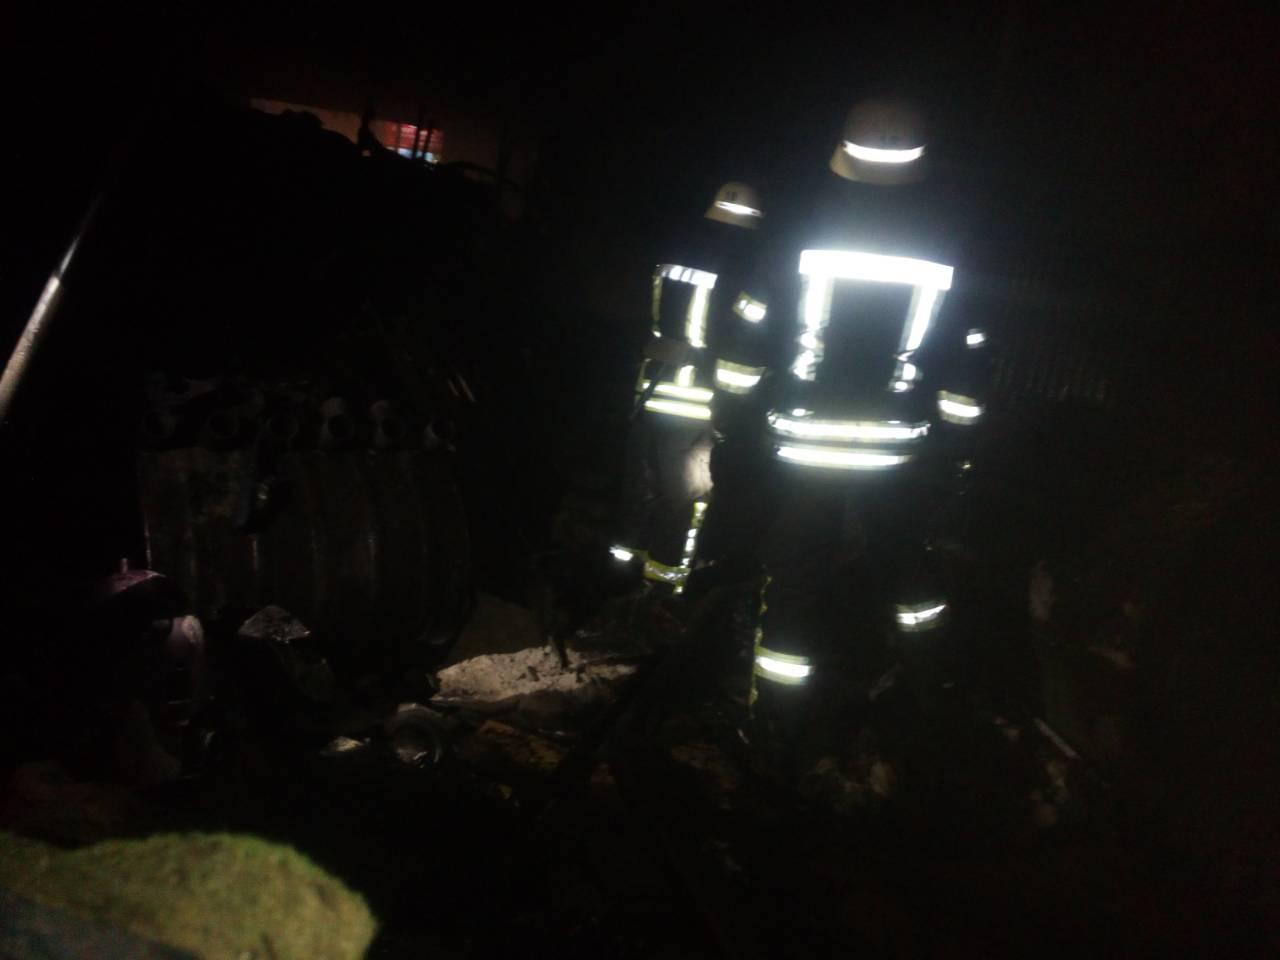 У Софіївській Борщагівці згоріла мийка -  - FFDA17F1 44B6 4F3F 8E9B 164A481F6043